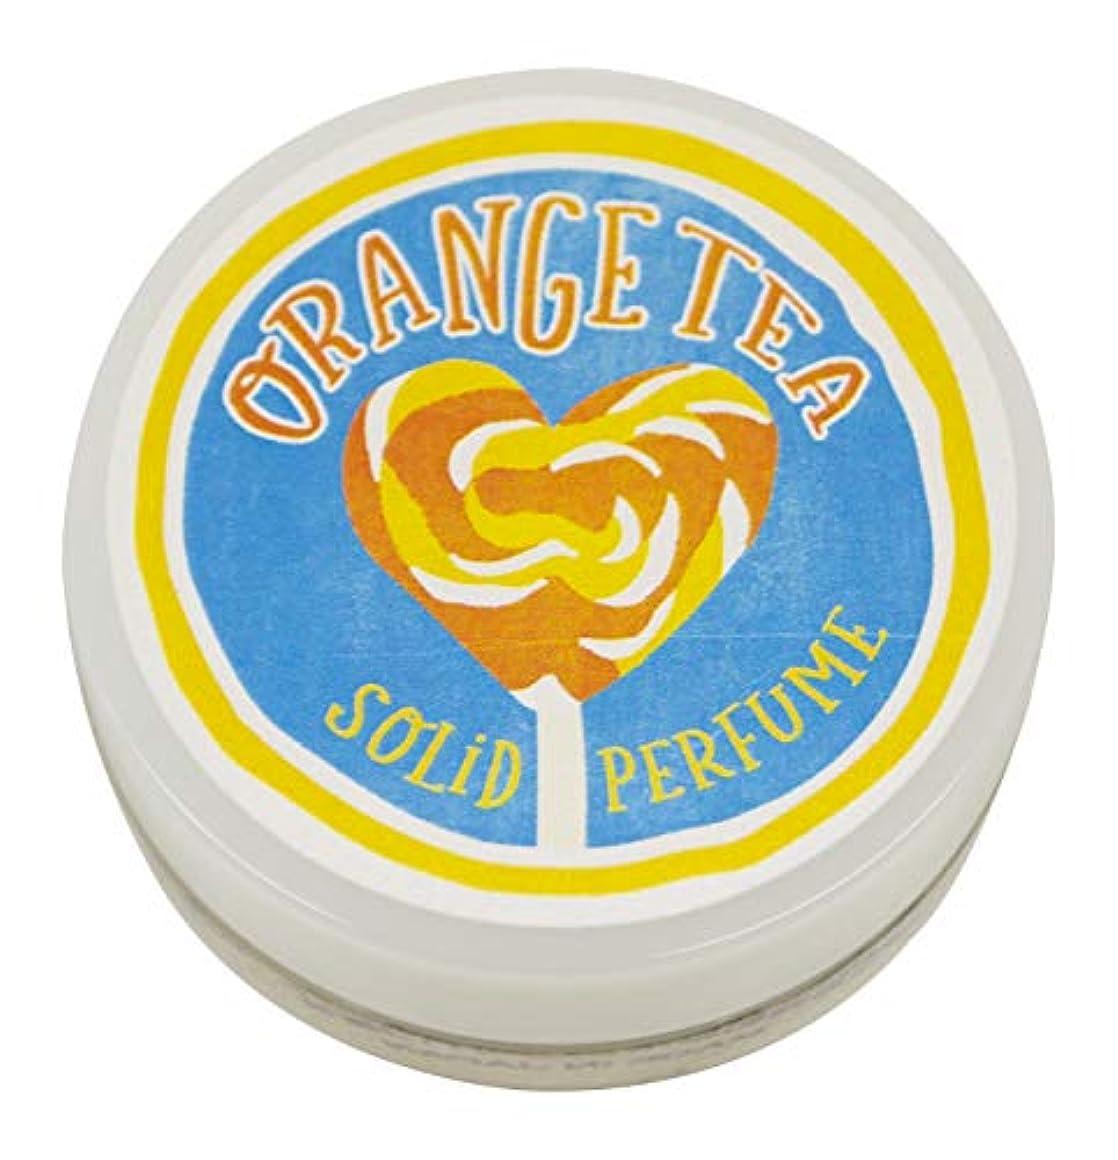 ぶどう確かな溶岩コトラボ 練り香水 8g オレンジティー